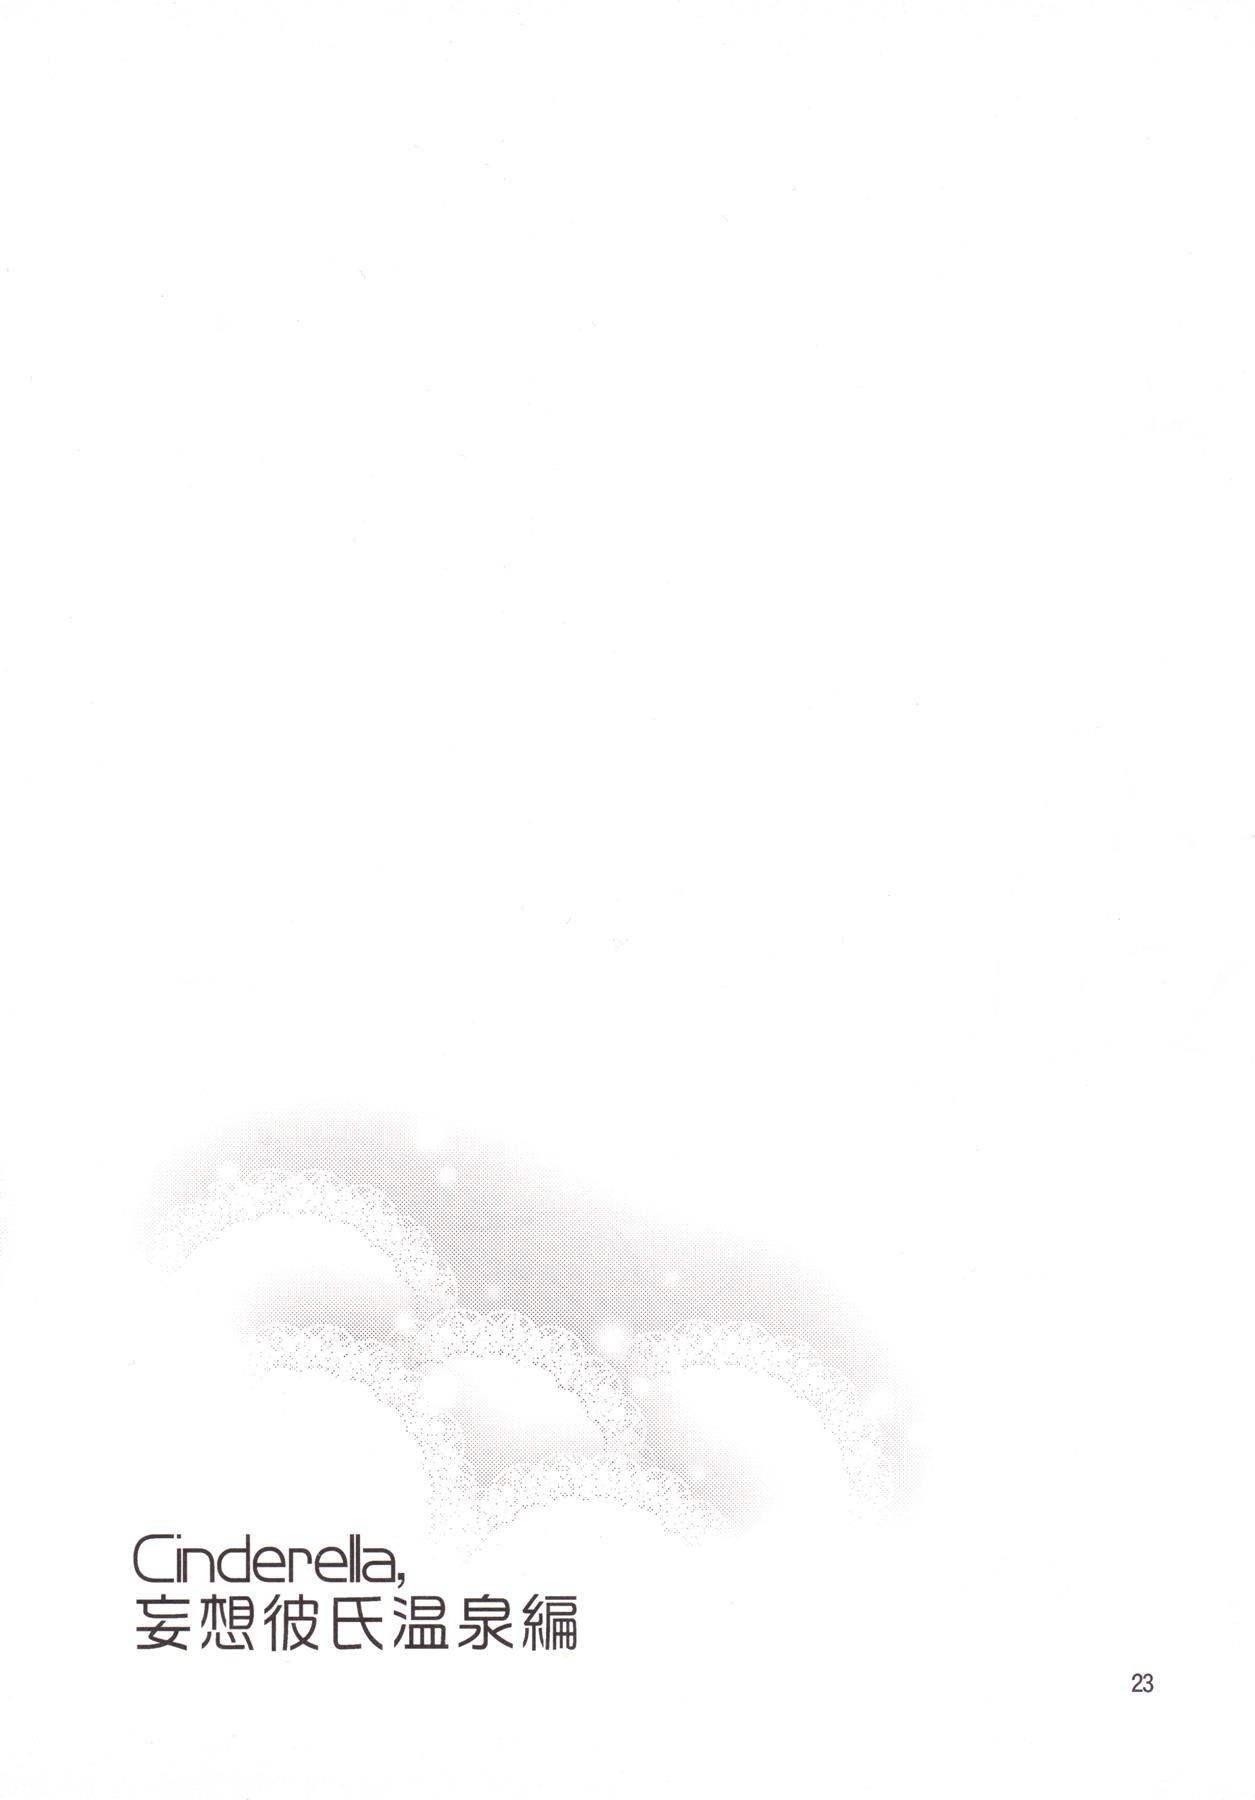 【アイドルマスターエロ同人誌】温泉旅行に行ったPと新田ちゃん&美嘉&楓さんが浴衣姿でいちゃいちゃSEXwww絶倫巨根チンコでグチョ濡れオマンコをガンガン突かれて膣内射精(なかだし)されまくってるんだけどwww【新田美波&城ヶ崎美嘉&高垣楓】